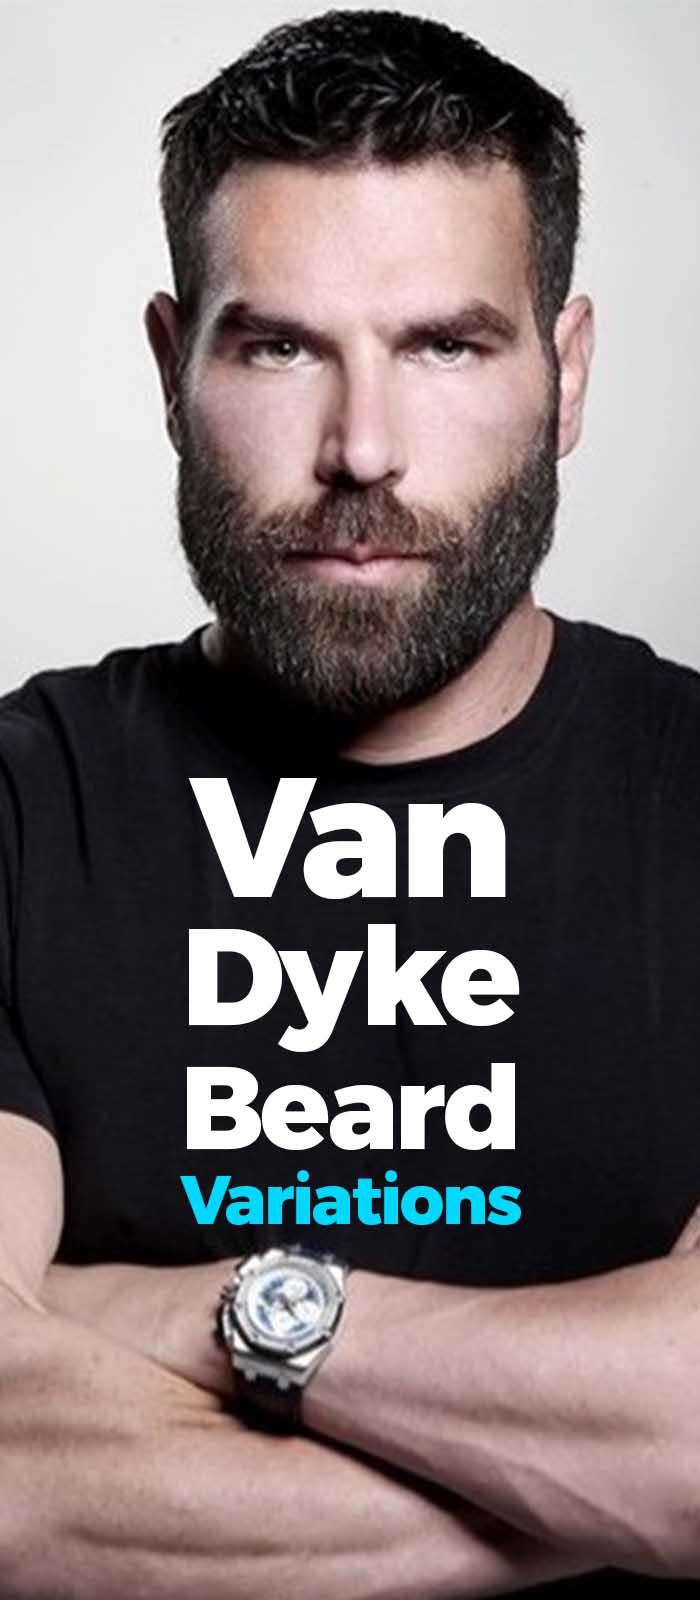 Van Dyke Beard Variations!